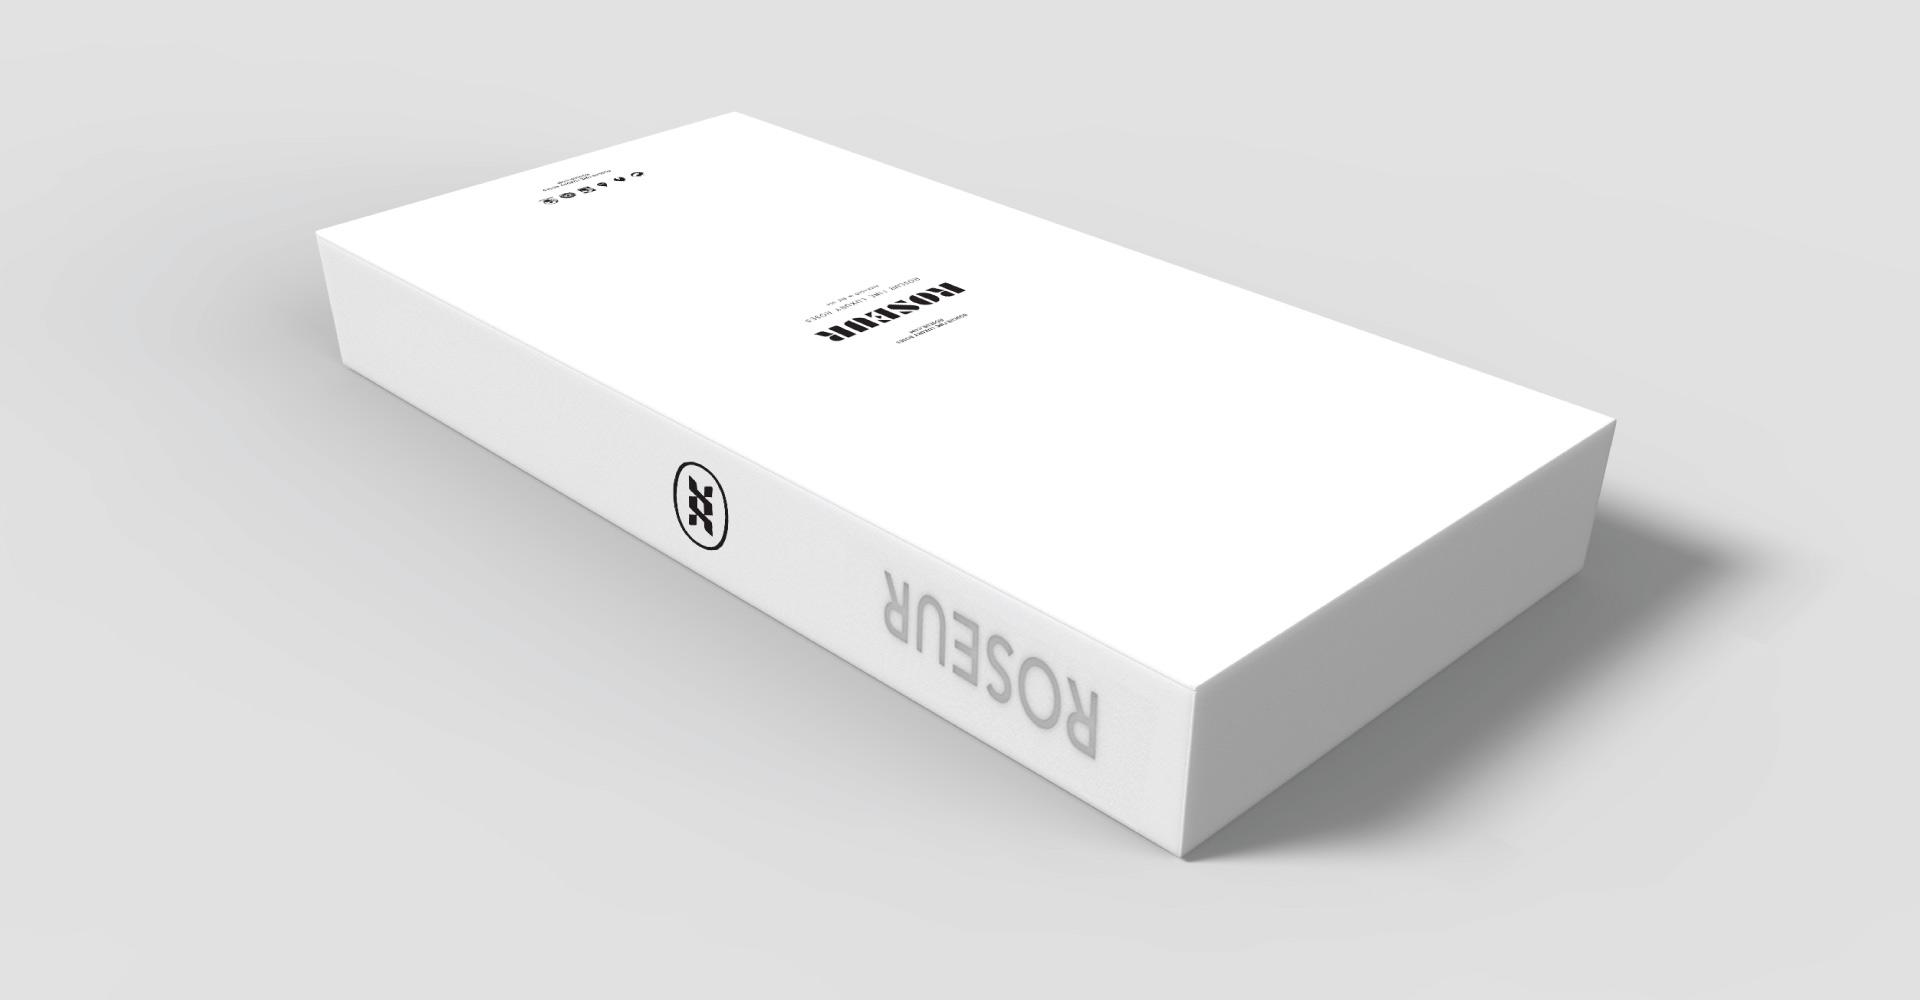 Creative_Retail_Packaging_Custom_Luxury_Packaging_Design_Roseur_06-1.jpg